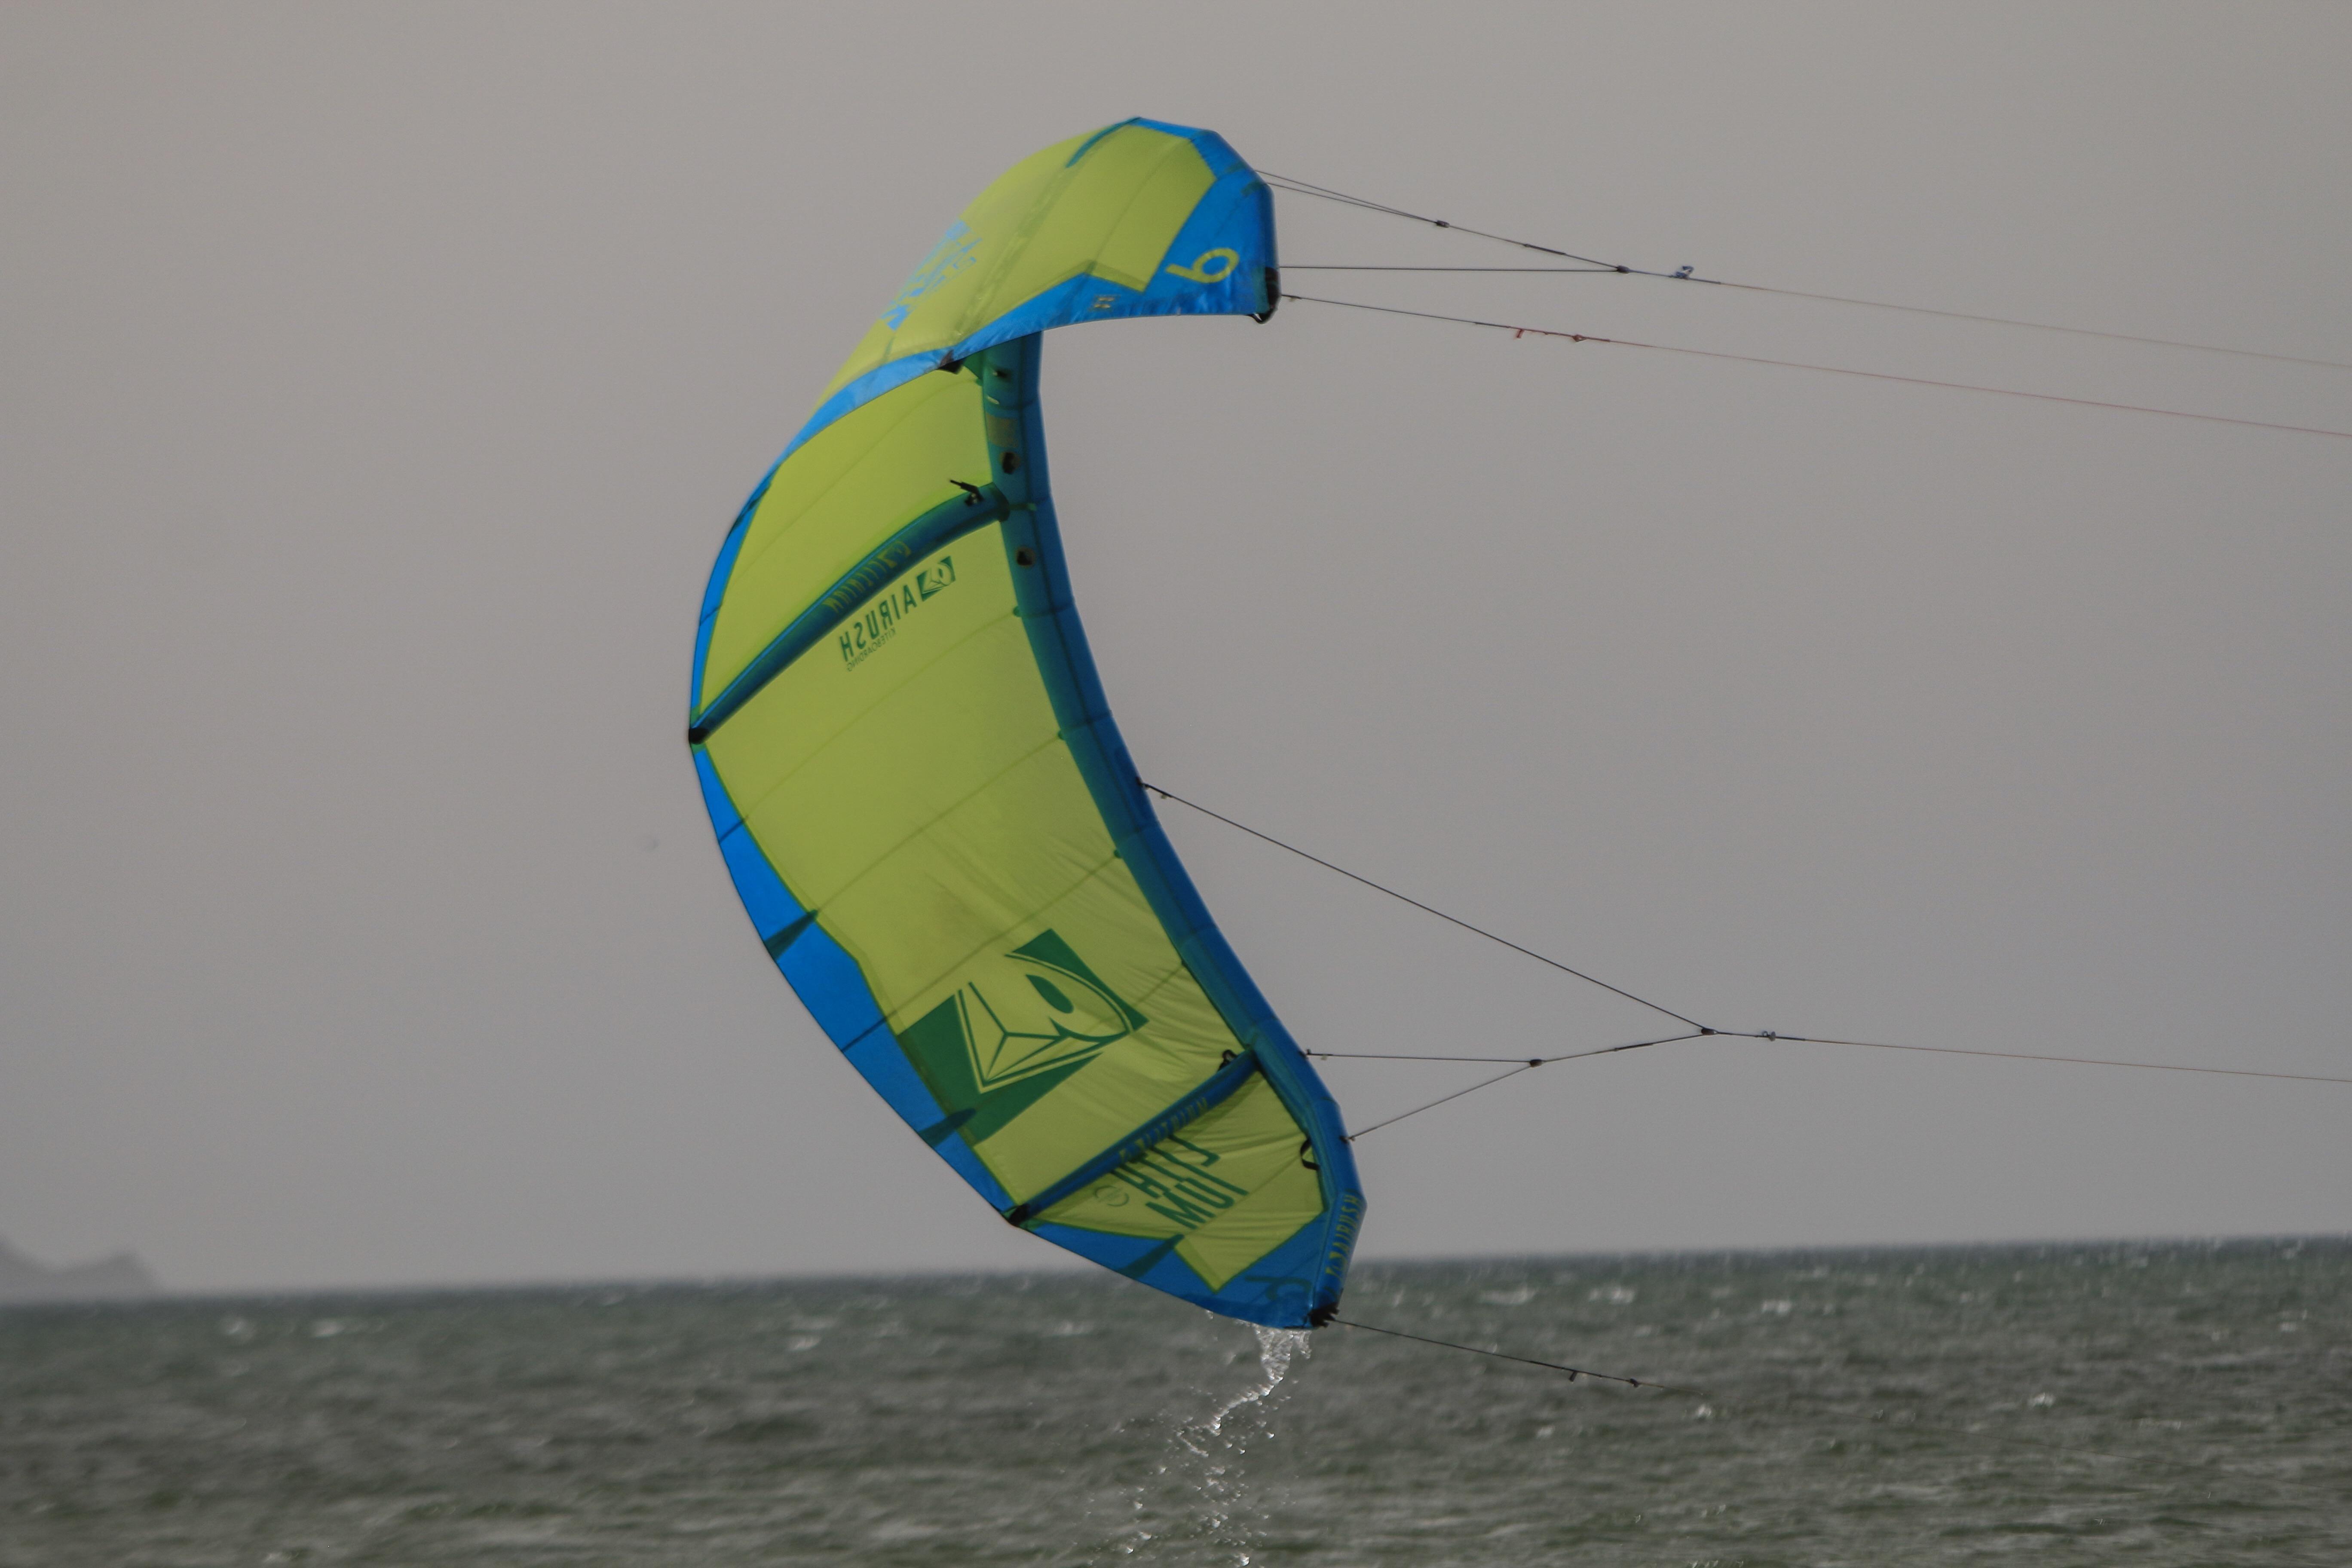 Dakhla kite school